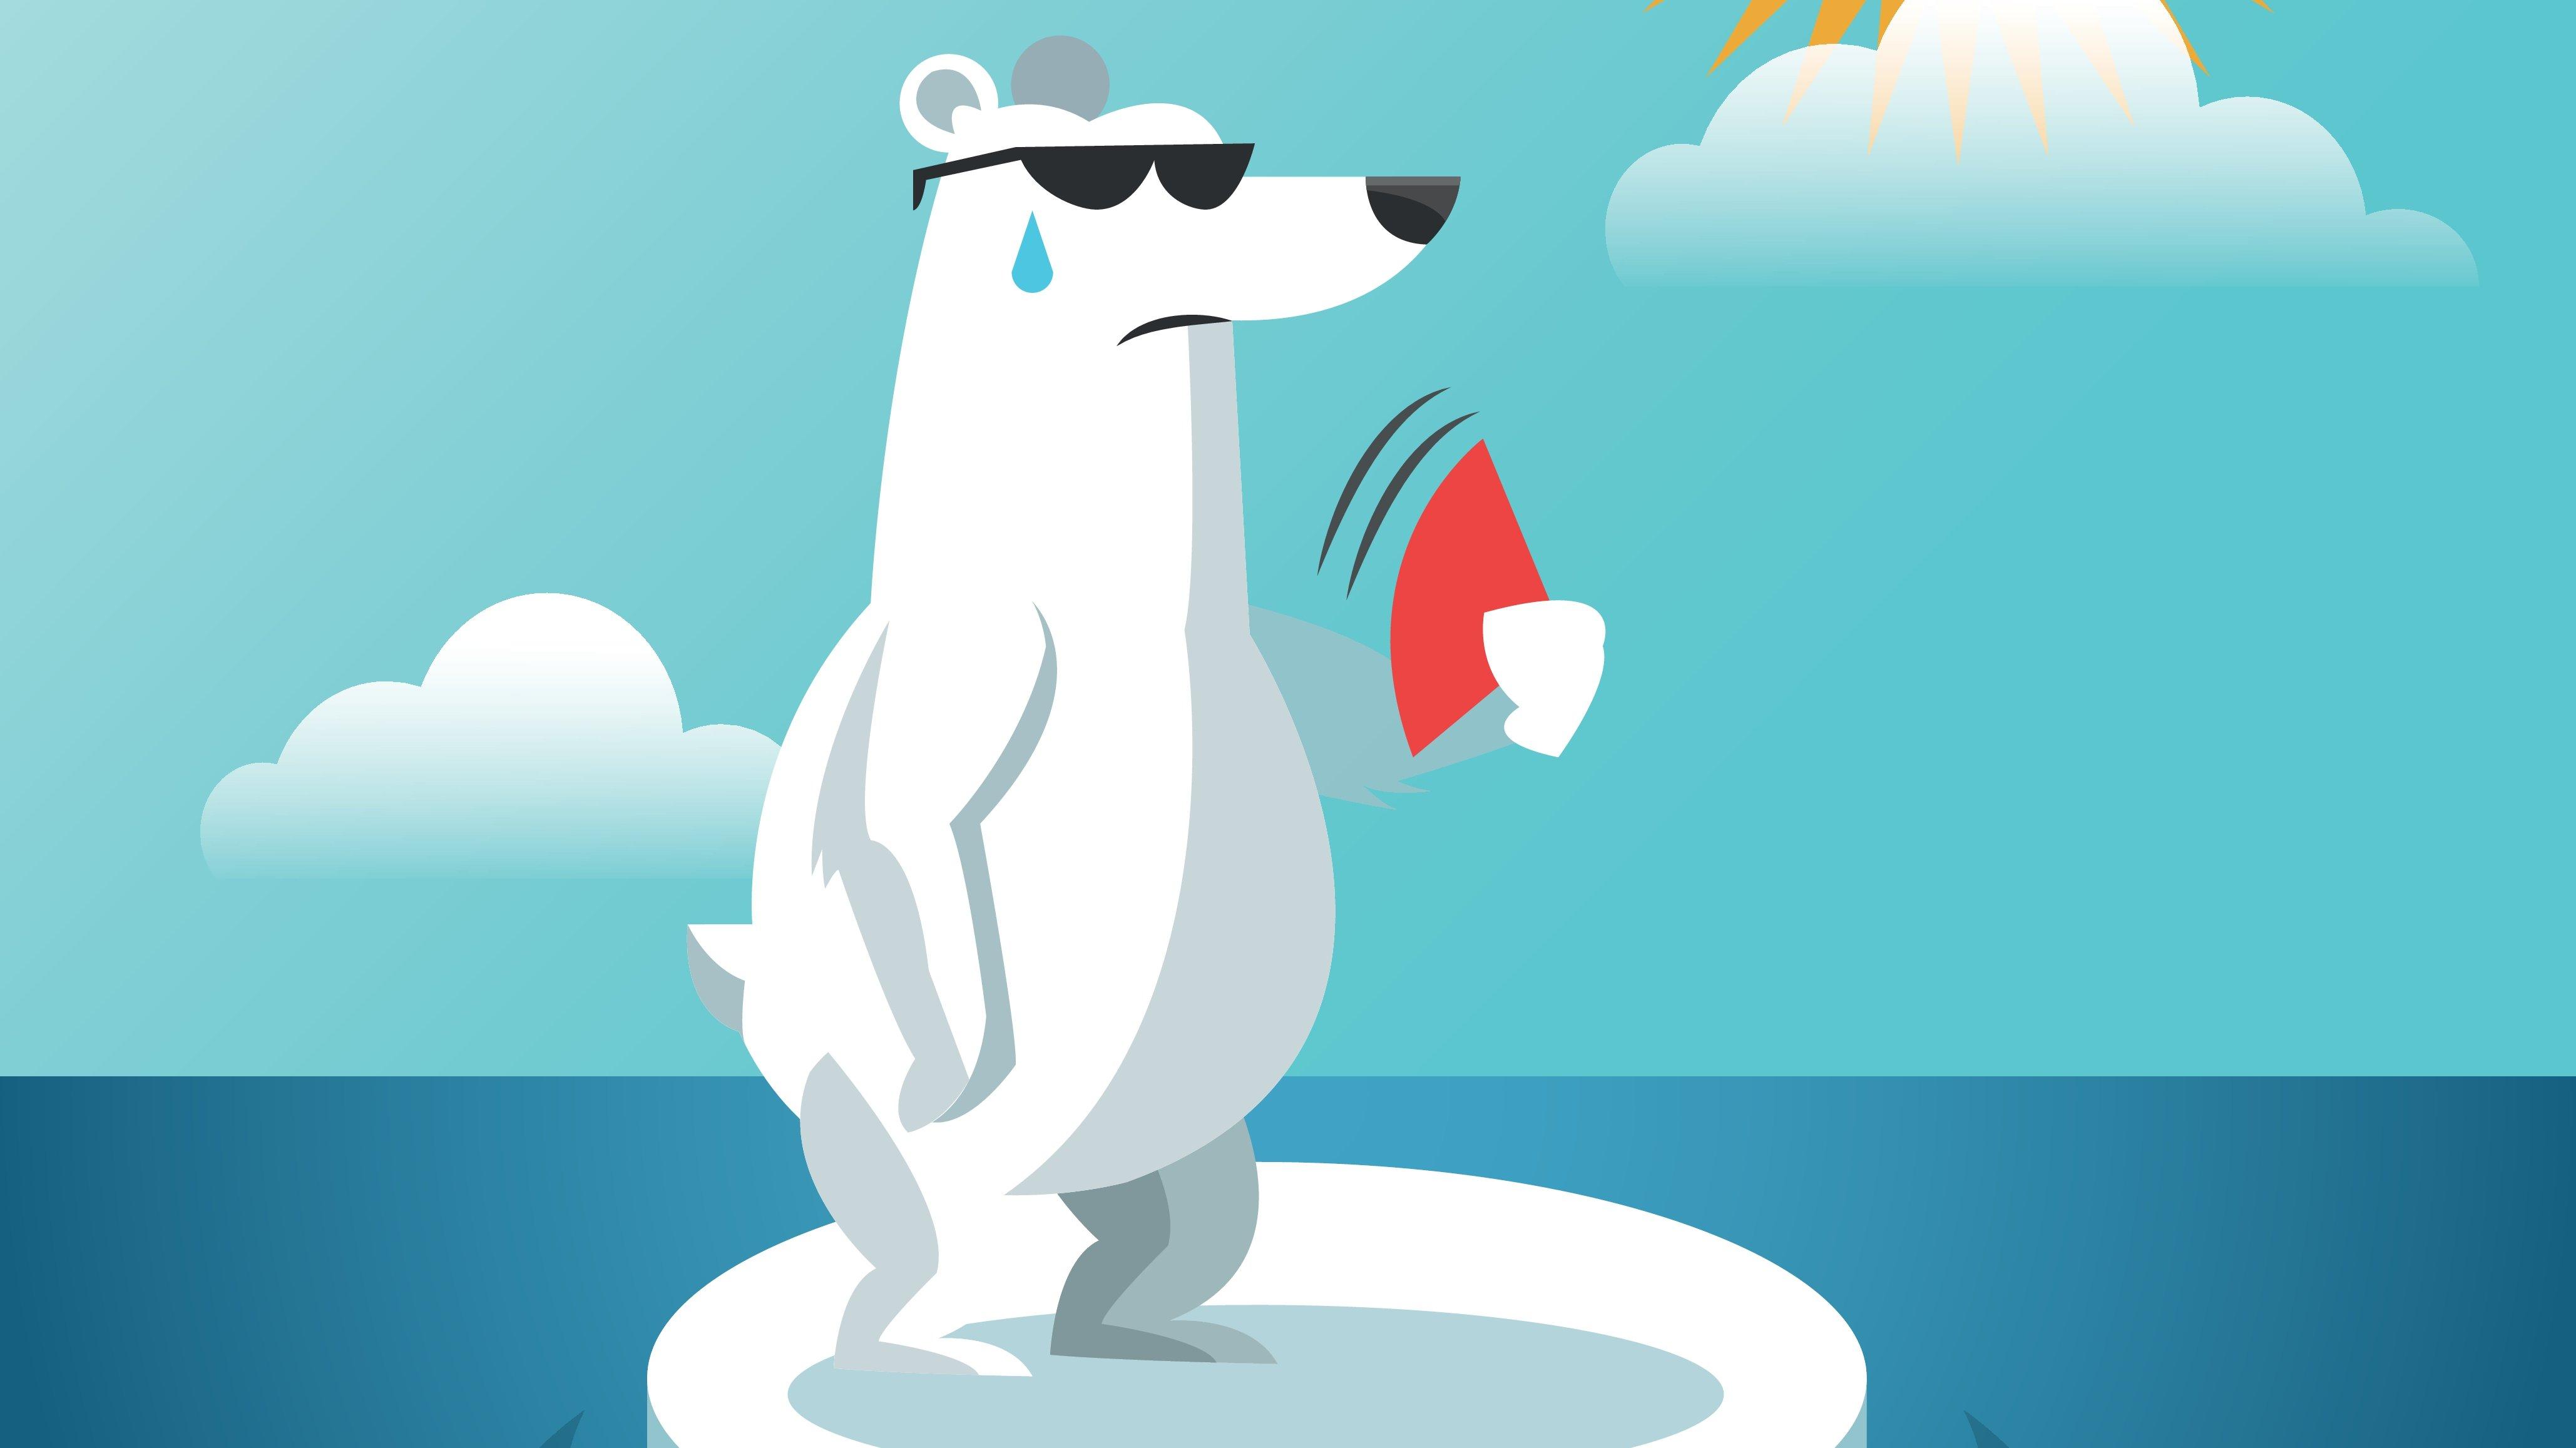 Et newsgame kunne fx handle om en isbjørn, der prøver at undslippe den bagende sol.